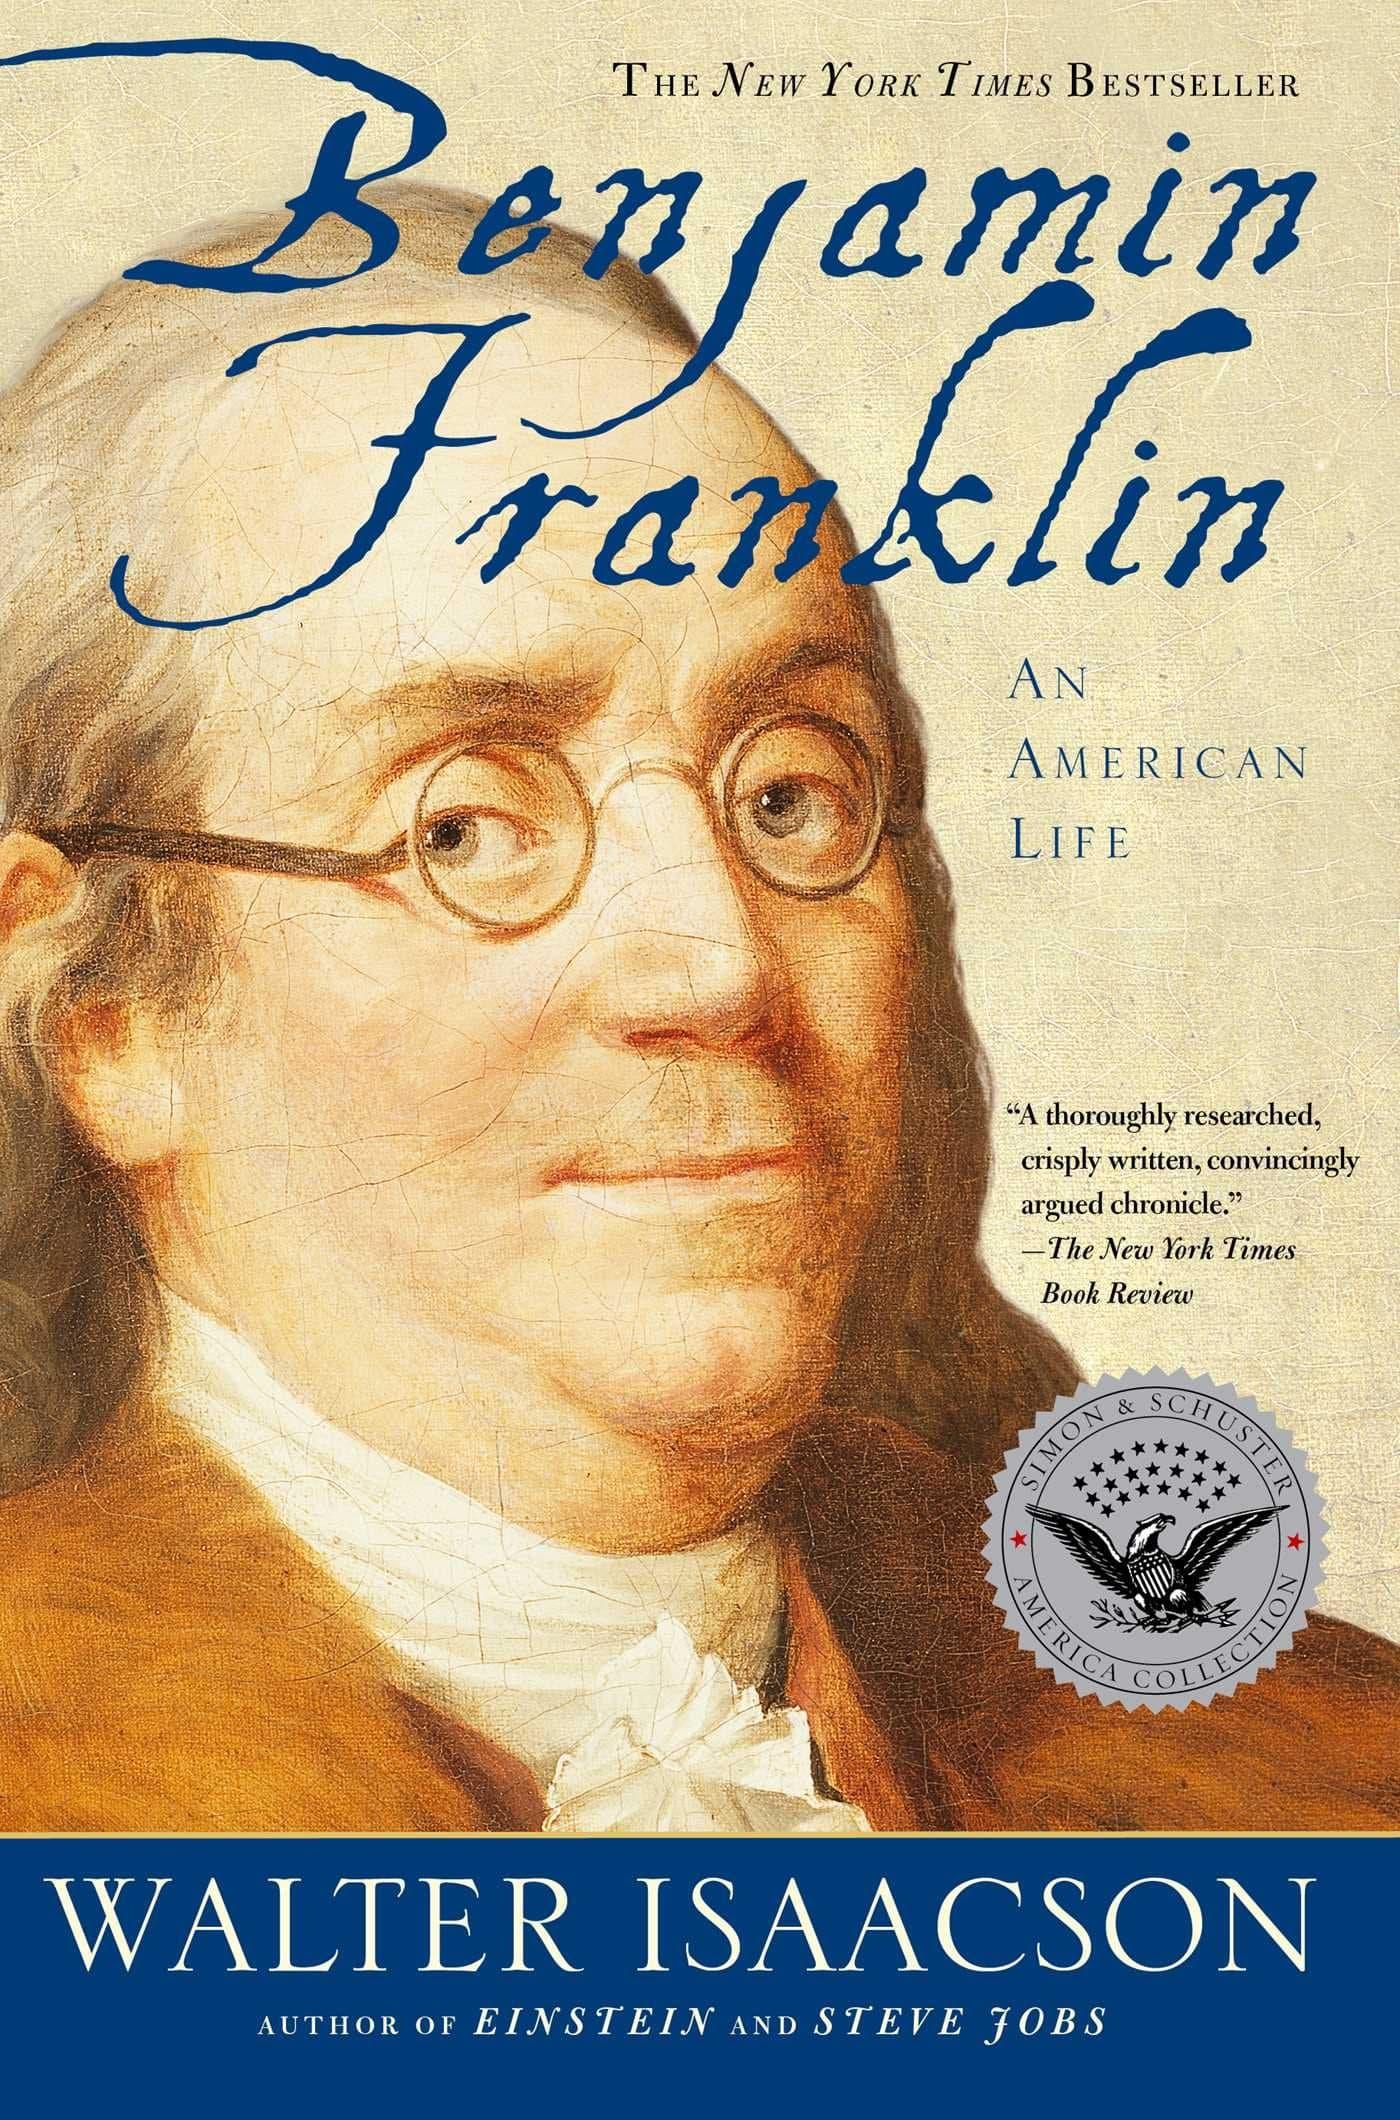 The cover of Benjamin Franklin